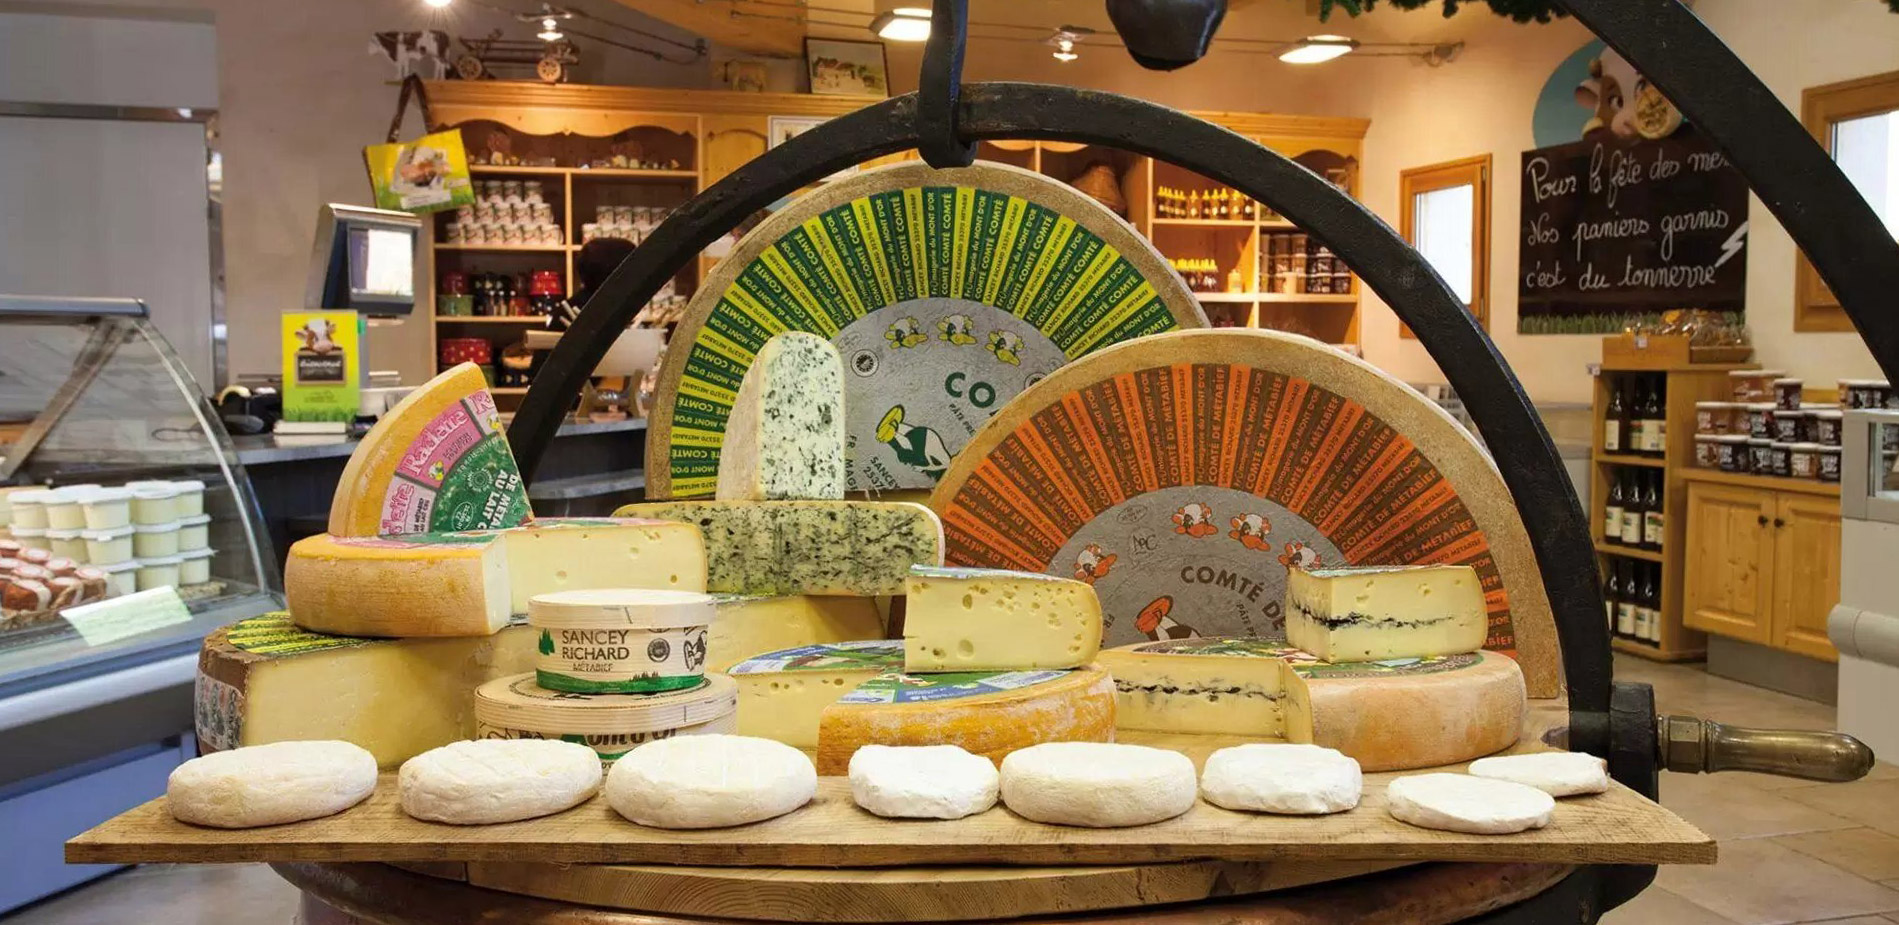 Commander du fromage et des produits régionaux en ligne